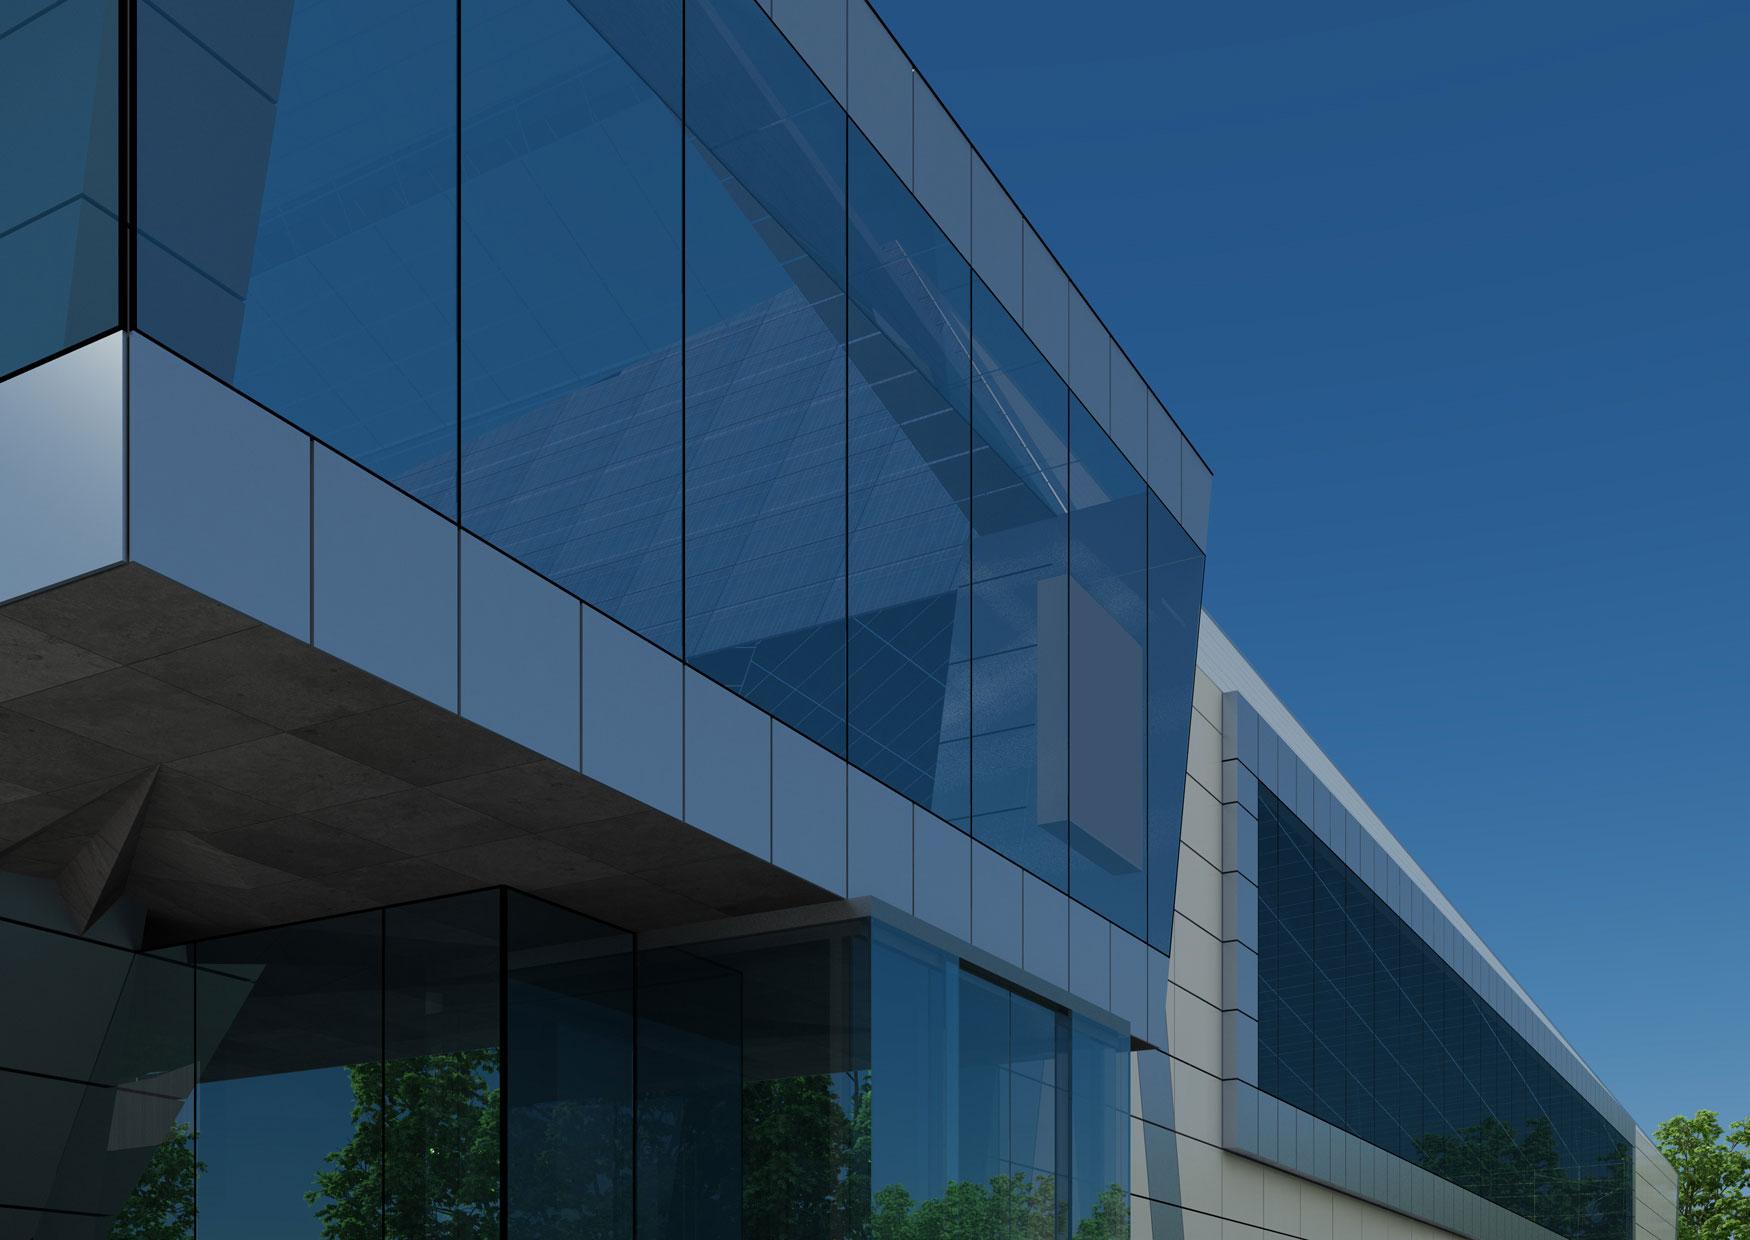 Projektentwicklung - Einkaufszentrum